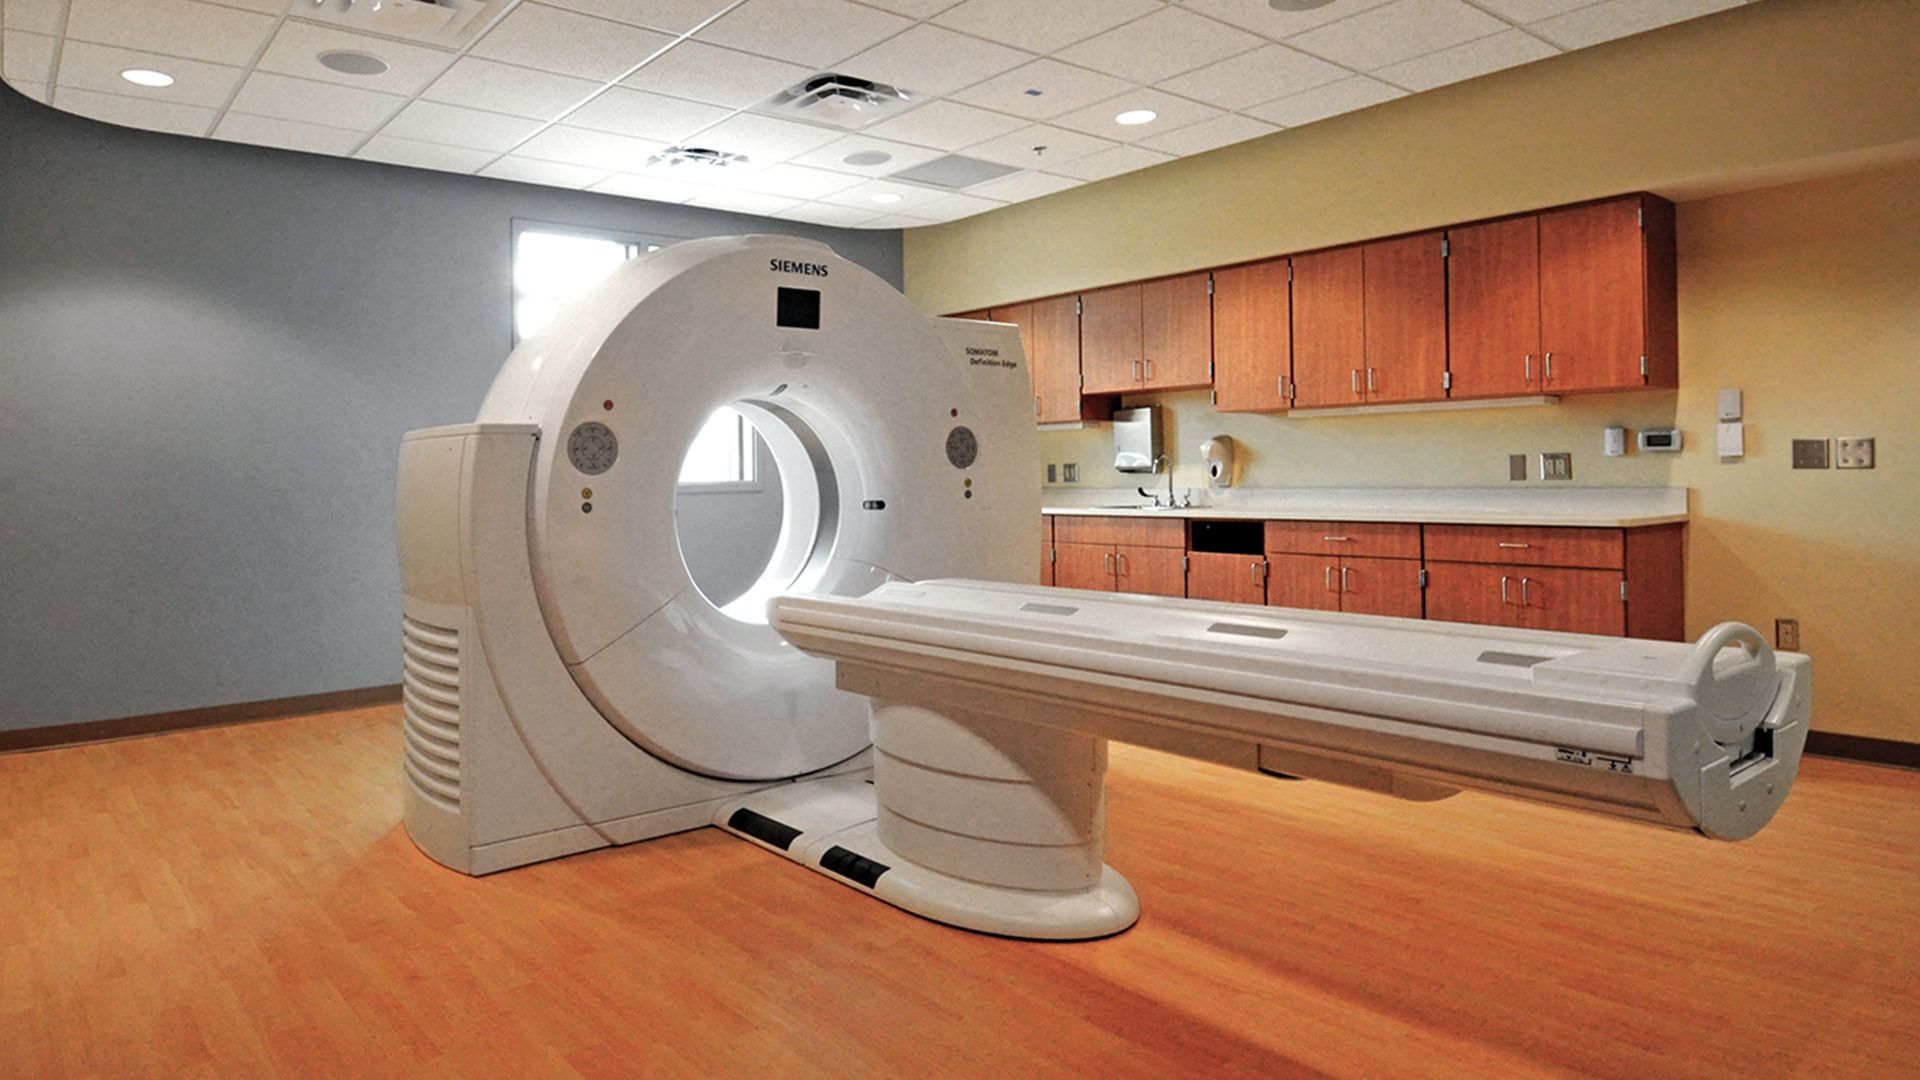 Fairview Ridges Specialty Care Center Burnsville Interior Open MRI